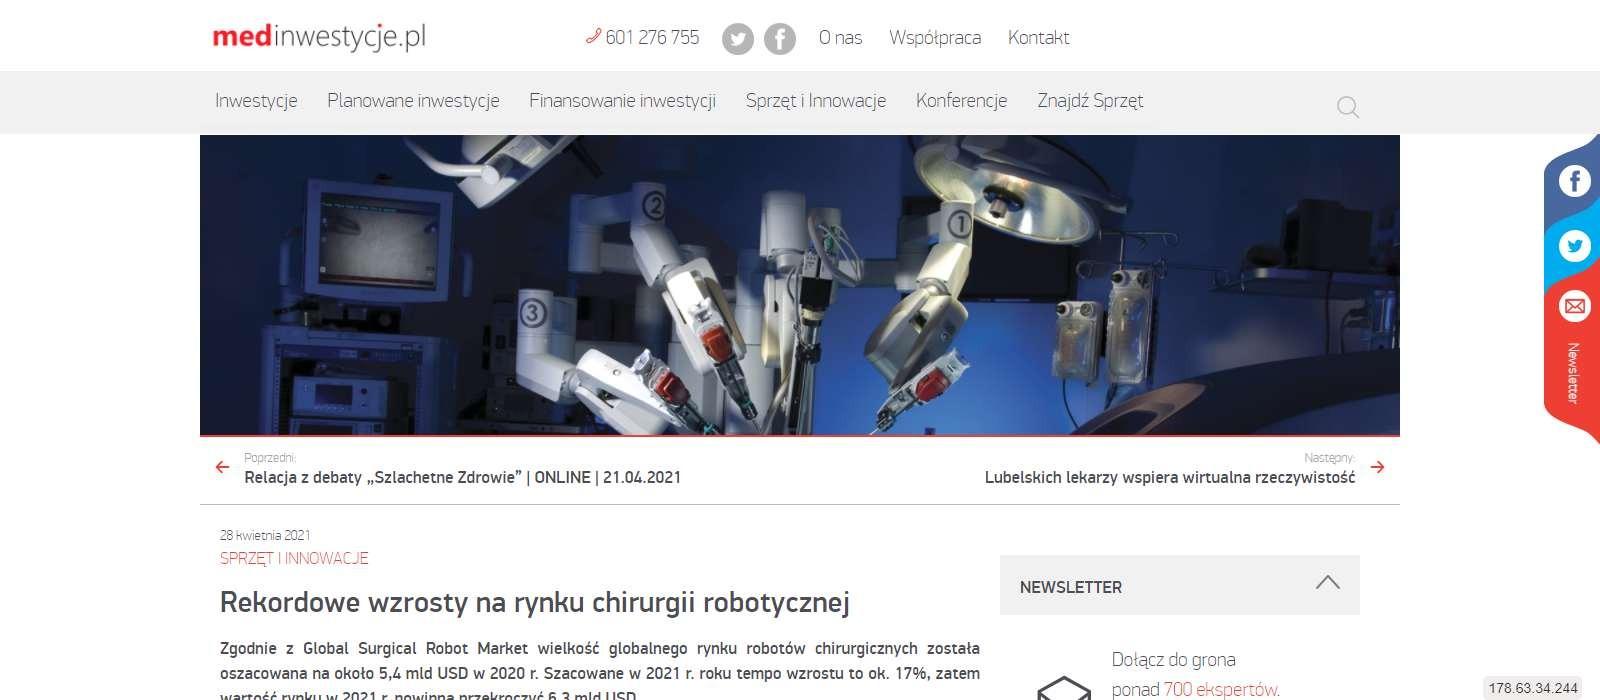 rekordowe wzrosty na rynku chirurgii robotycznej